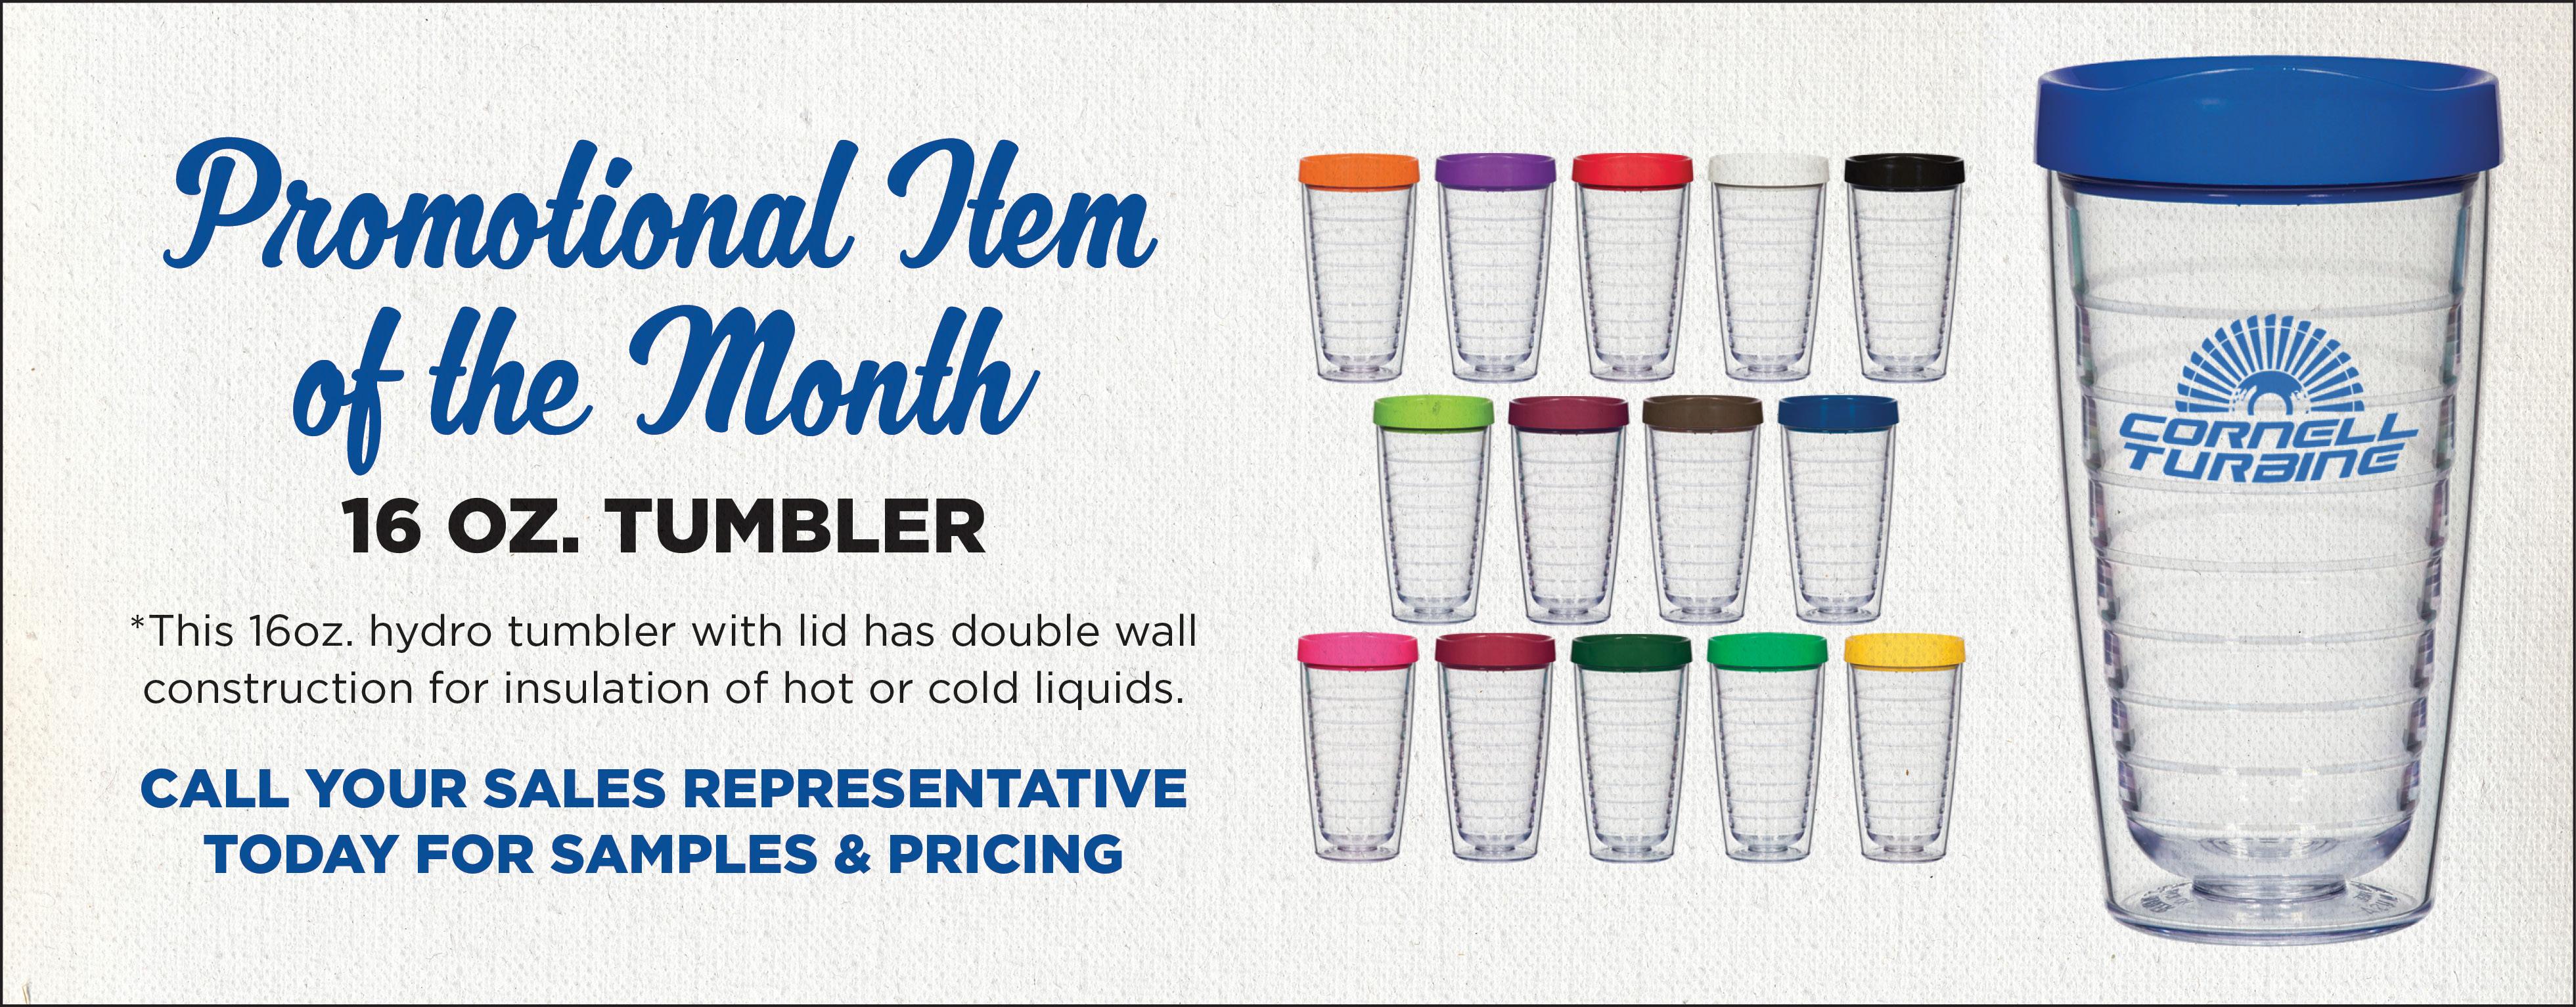 Tumbler - promo item